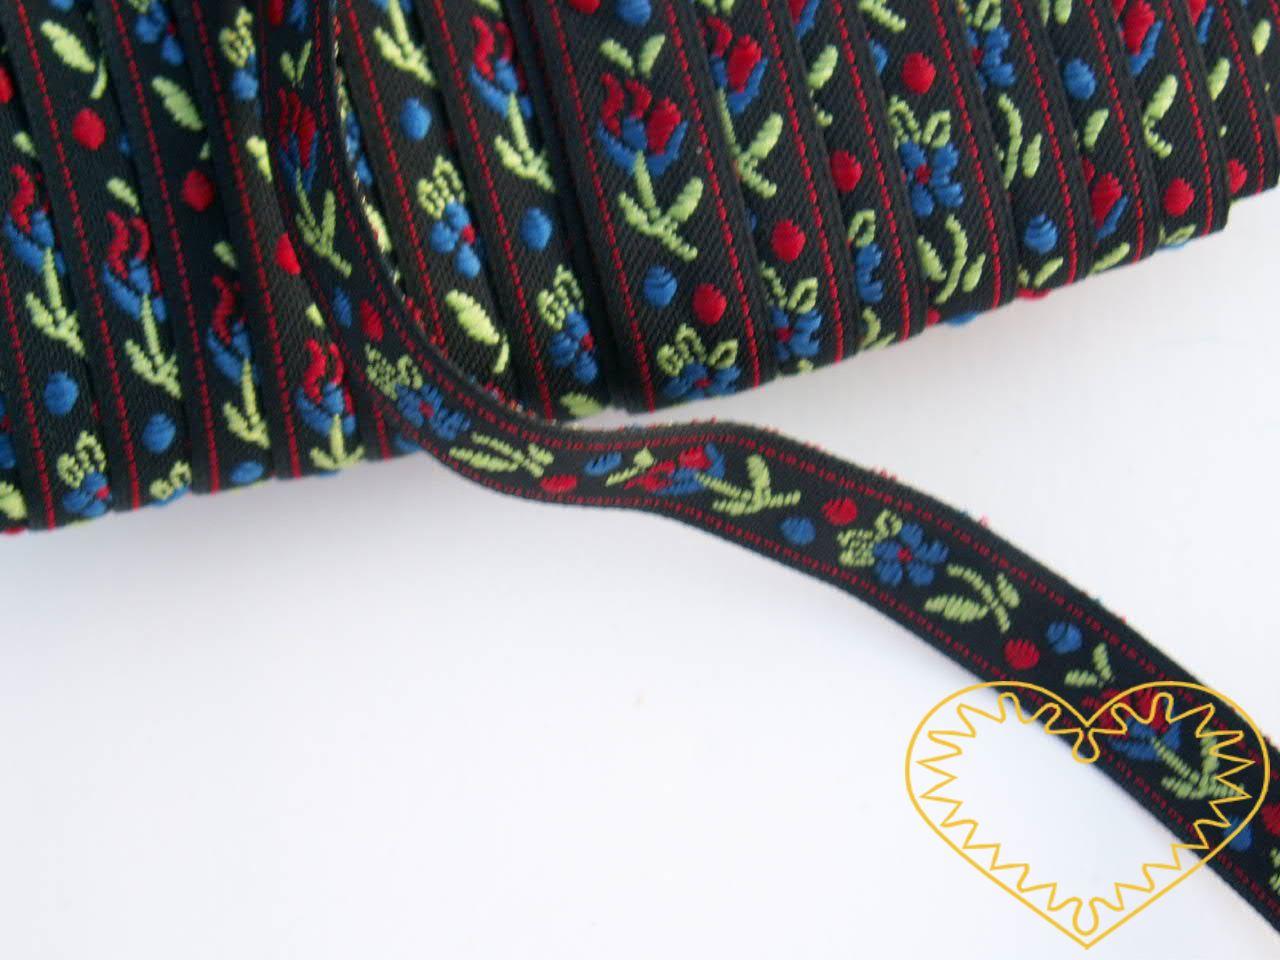 Úzká černá krojová stuha se vzorem - vzorovka - šíře 1 cm. Textilní tkaná stuha s jemným vzorkem je vhodná zvláště při výrobě krojů a předmětů tradiční lidové kultury. Vhodná též k lemování tkanin a šatů panenek a maňásků.